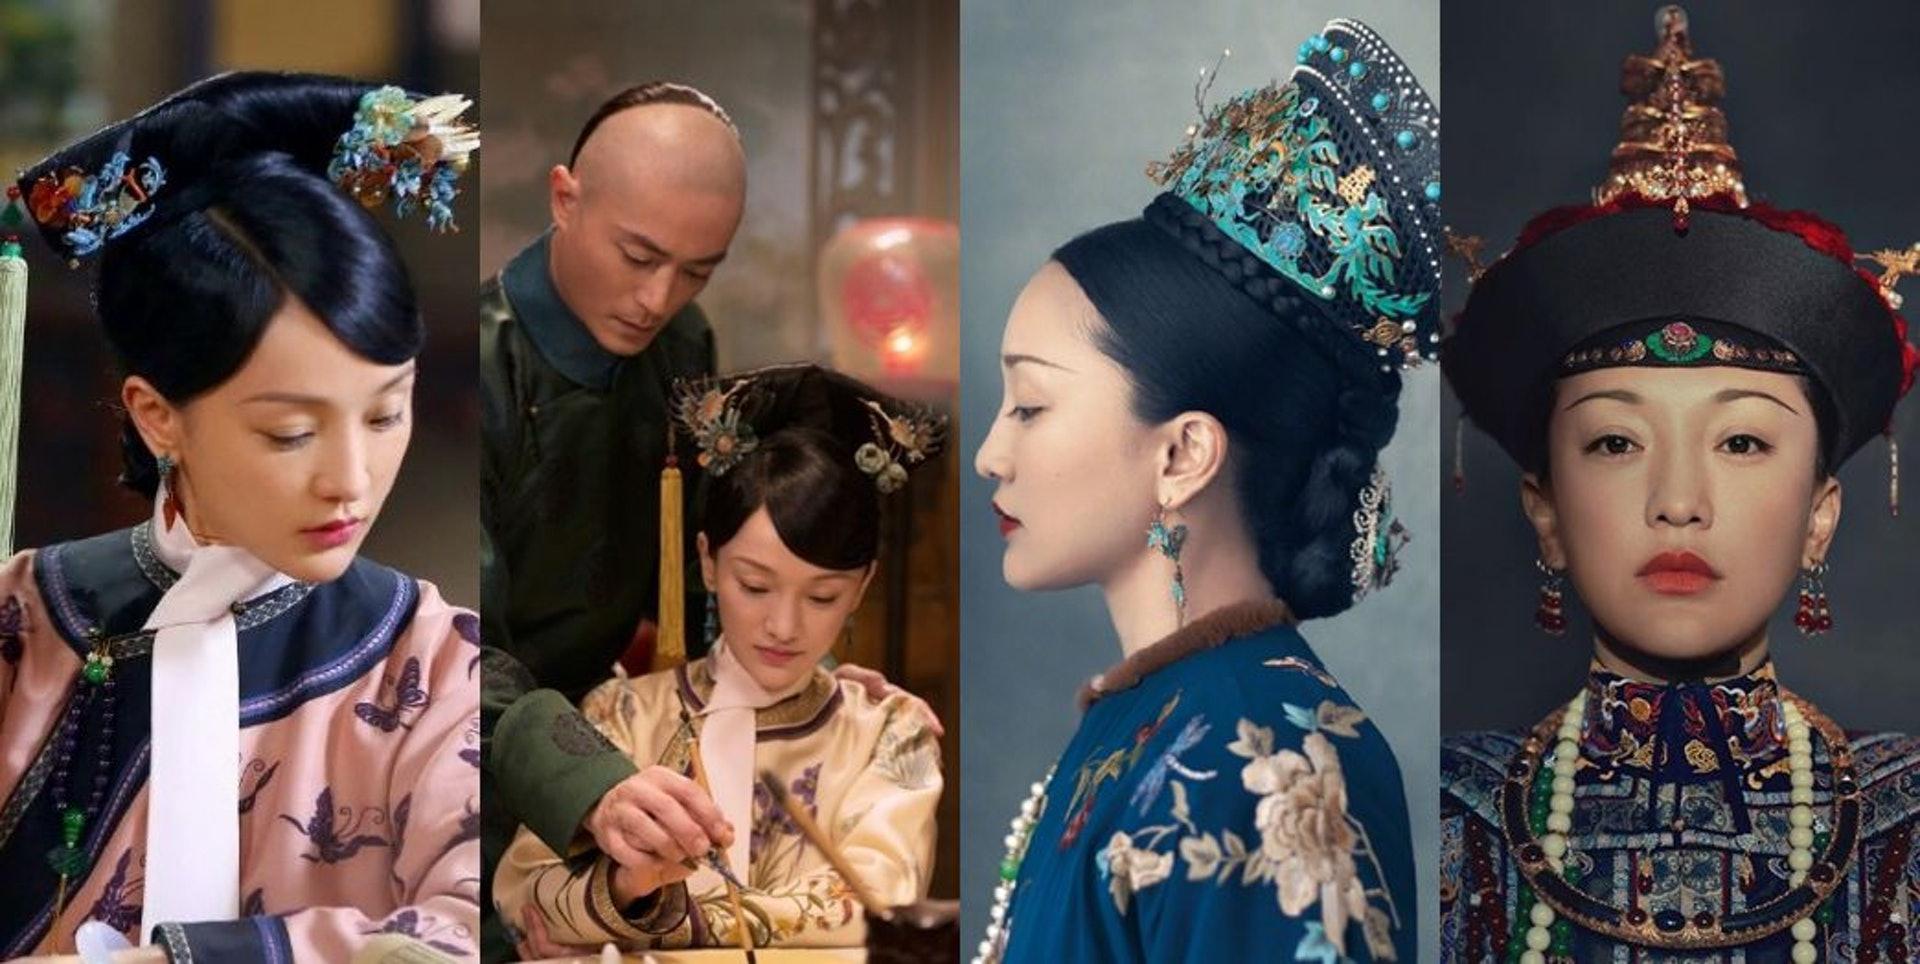 《如懿傳》描述清乾隆帝的嫻妃,即日後的繼皇后,烏拉那拉氏悲劇的一生。(微博「電視劇如懿傳」截圖)